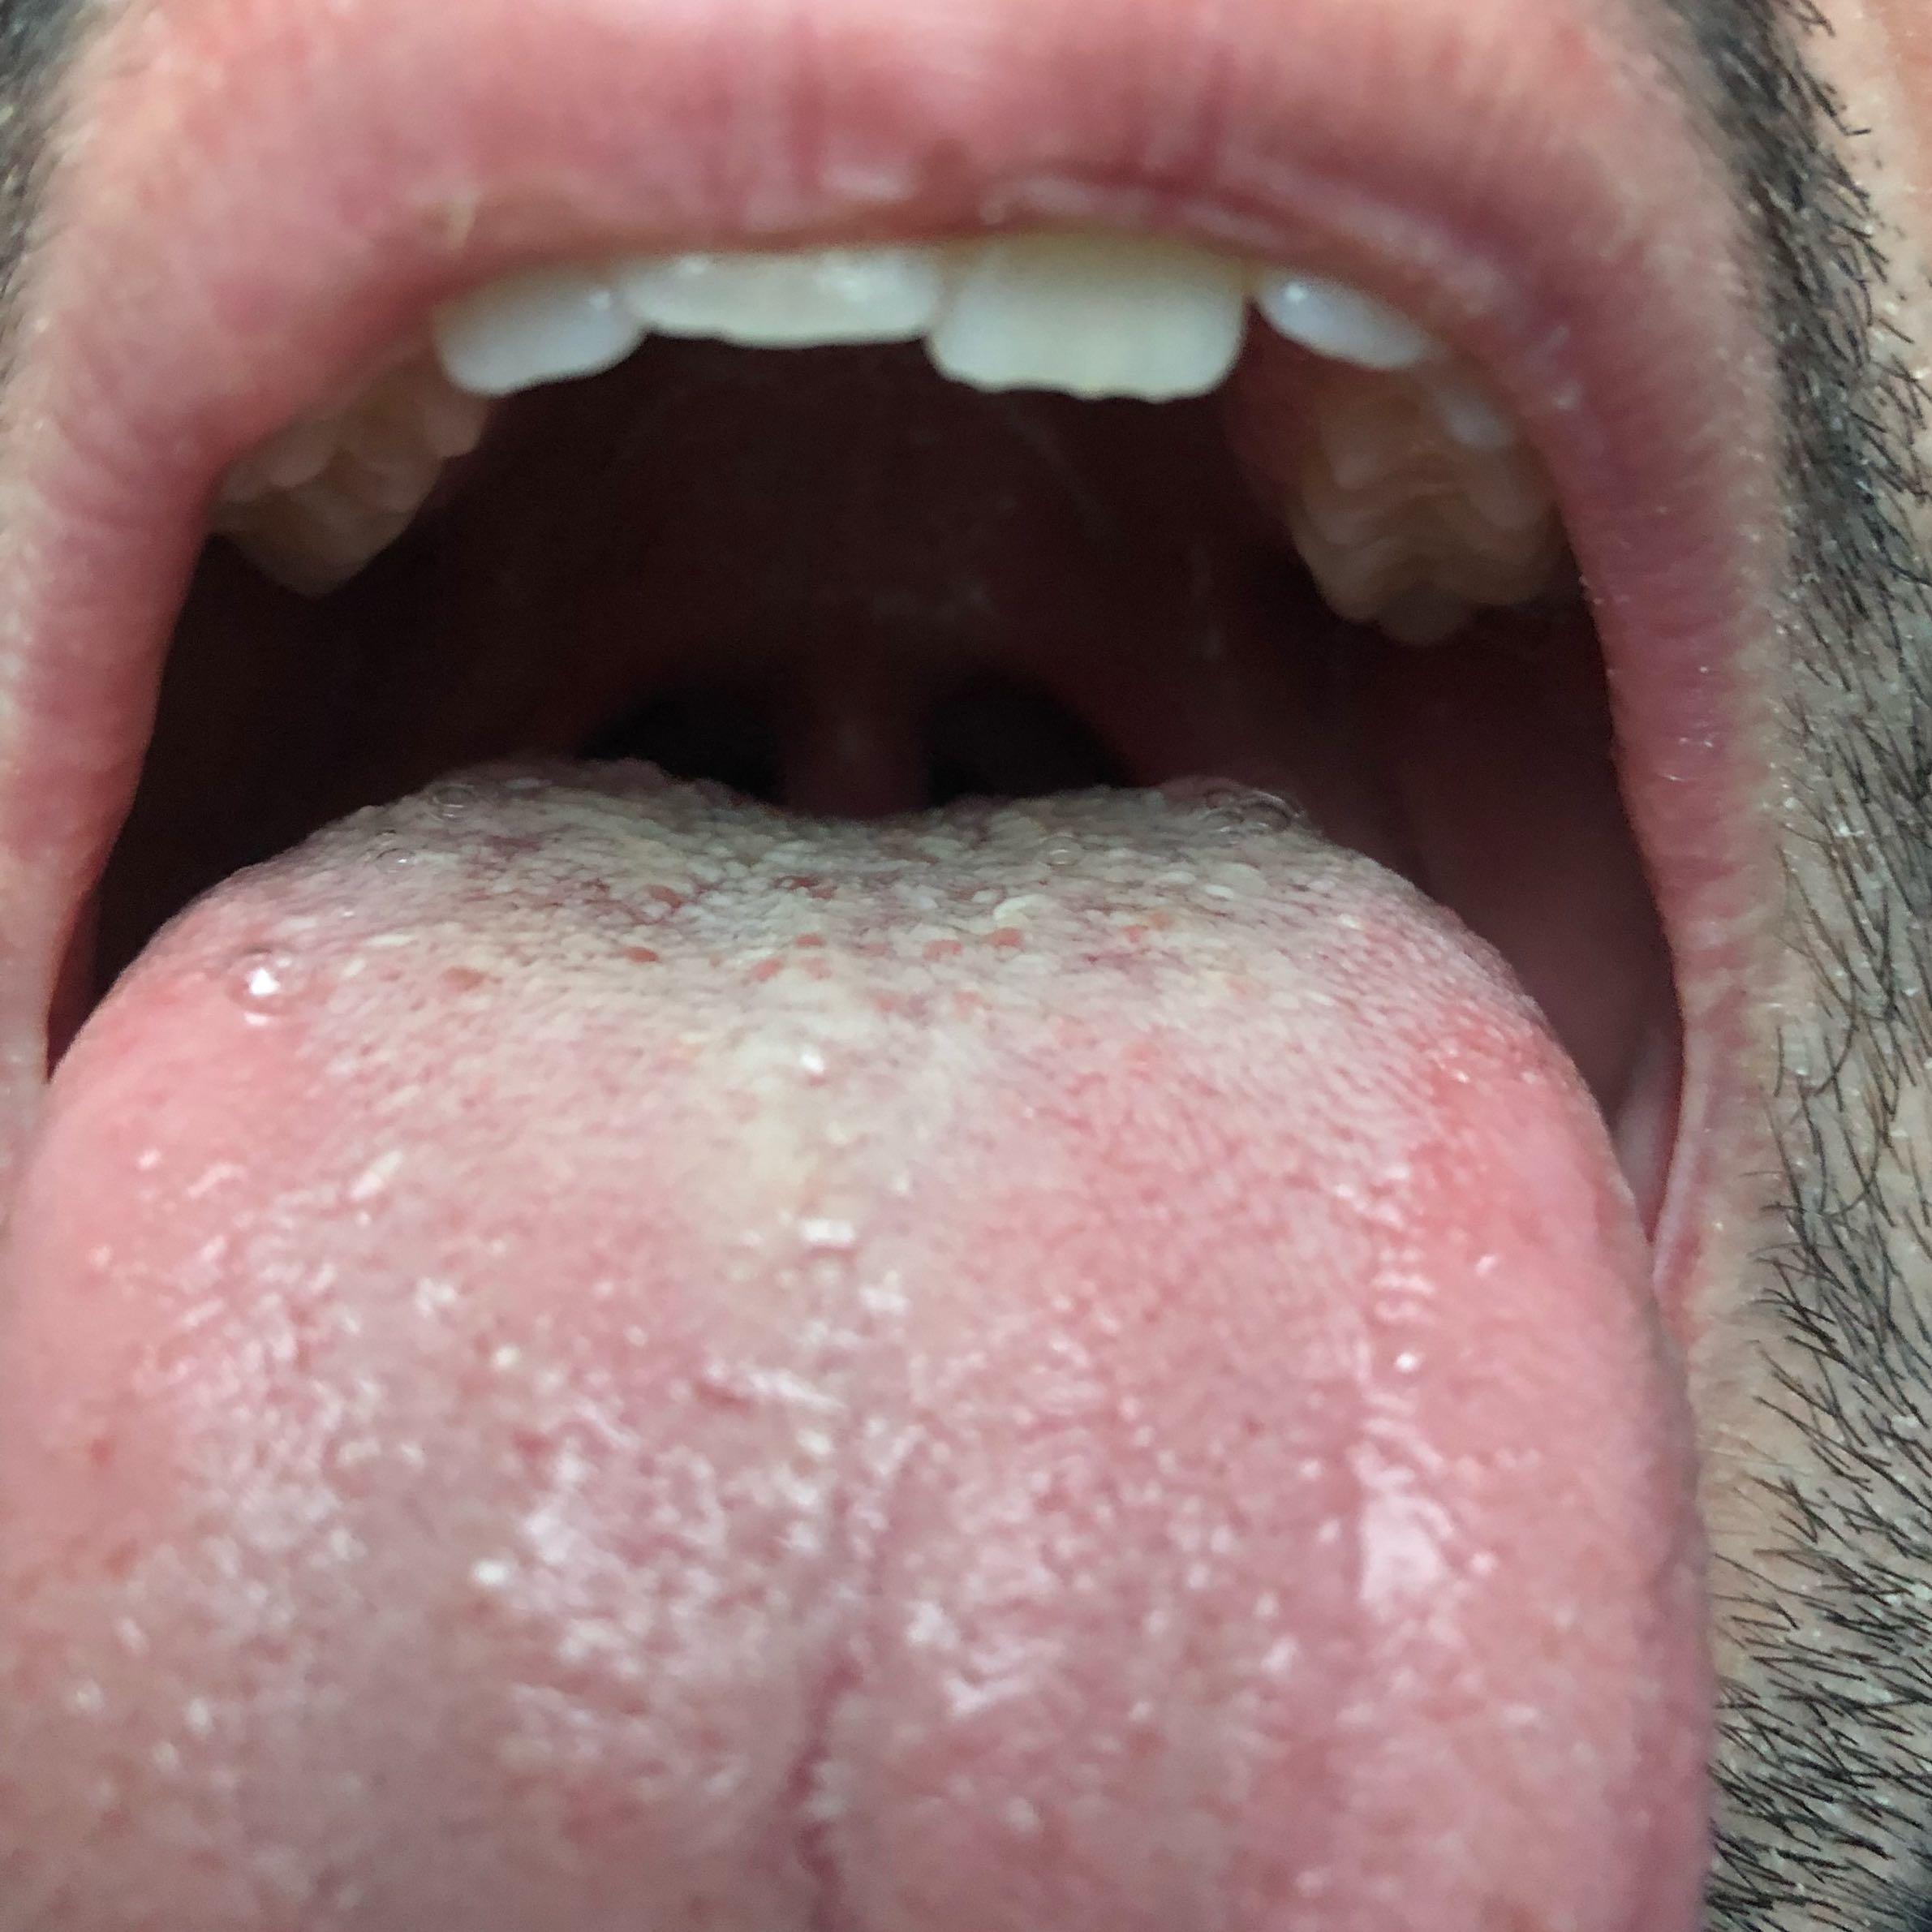 Ist dieser Zungenbelag normal? (Gesundheit und Medizin